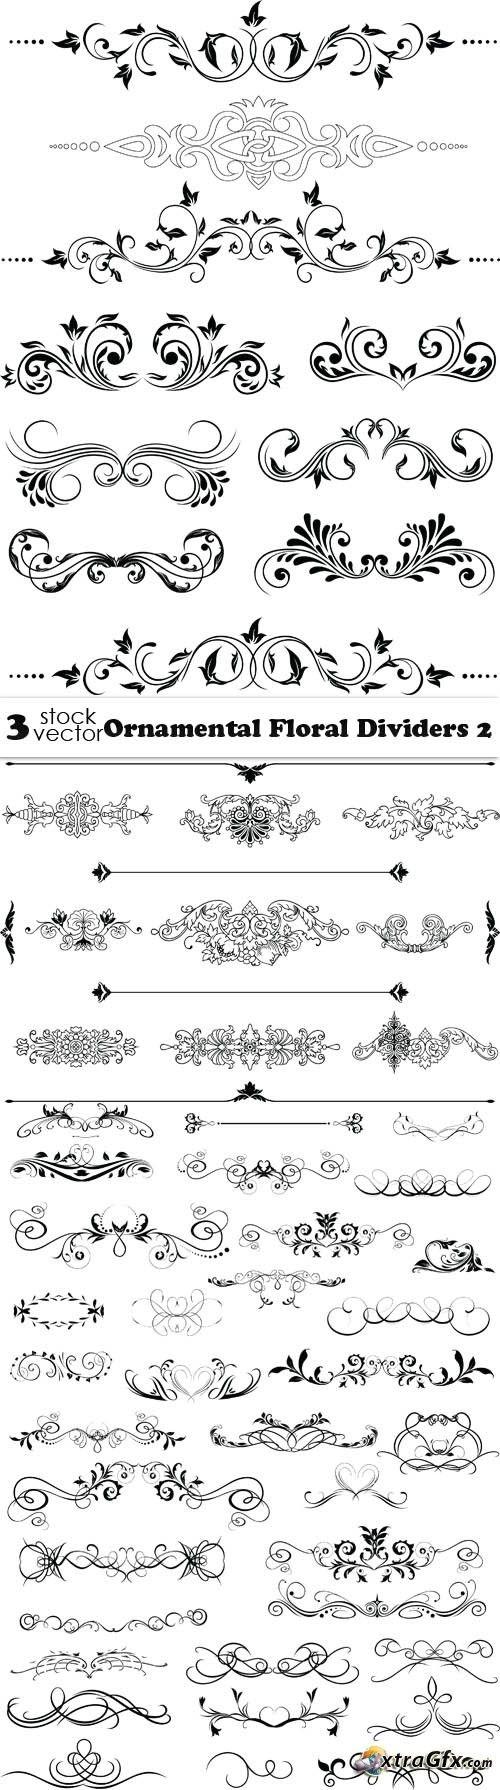 Vectors - Ornamental Floral Dividers 2